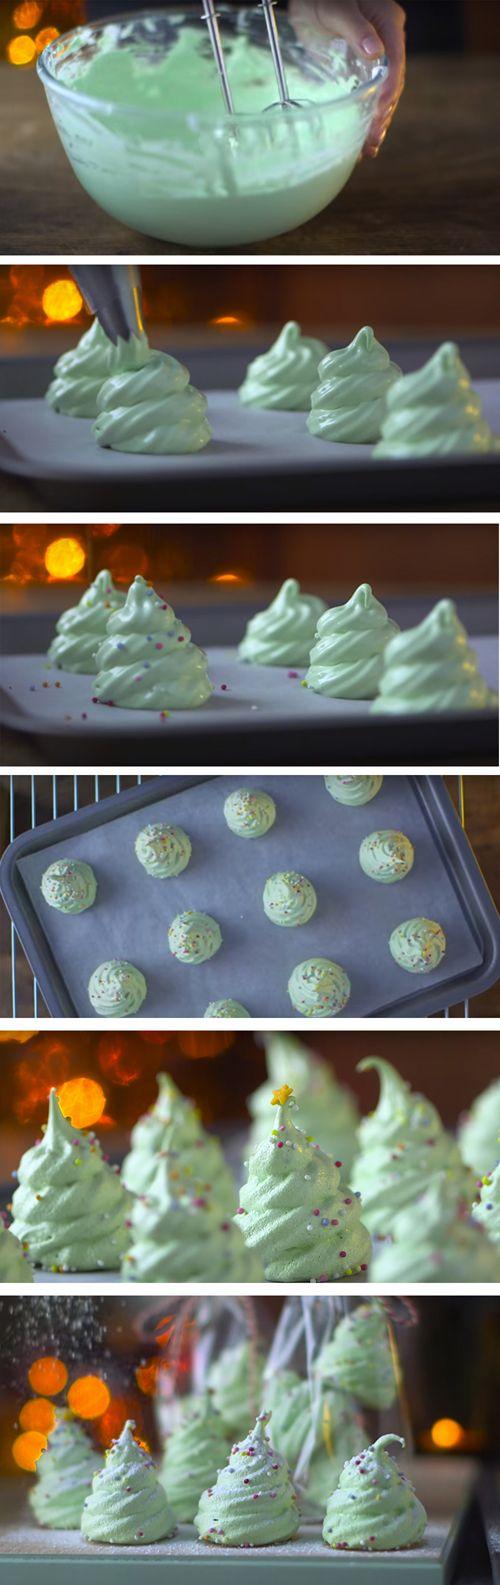 Christmas tree meringues make adorable edible gifts and take no time to make.